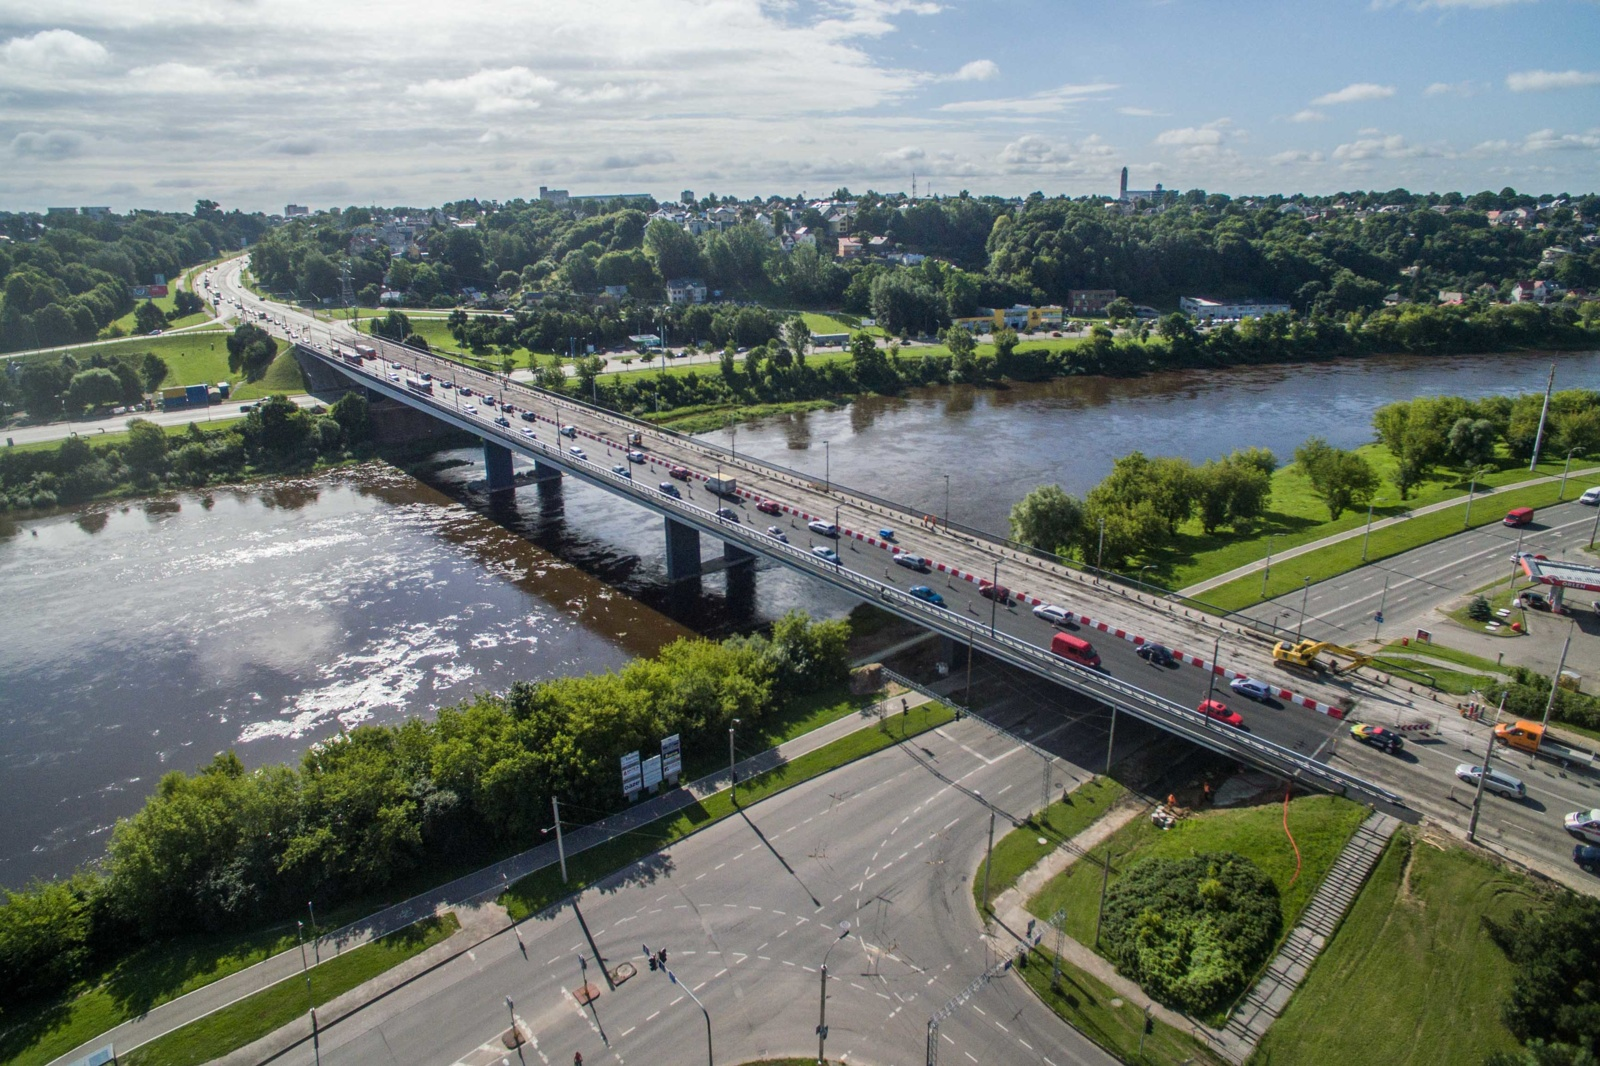 Kauno hidroelektrinėje pavasarį pagaminta trečdaliu mažiau energijos nei prieš metus